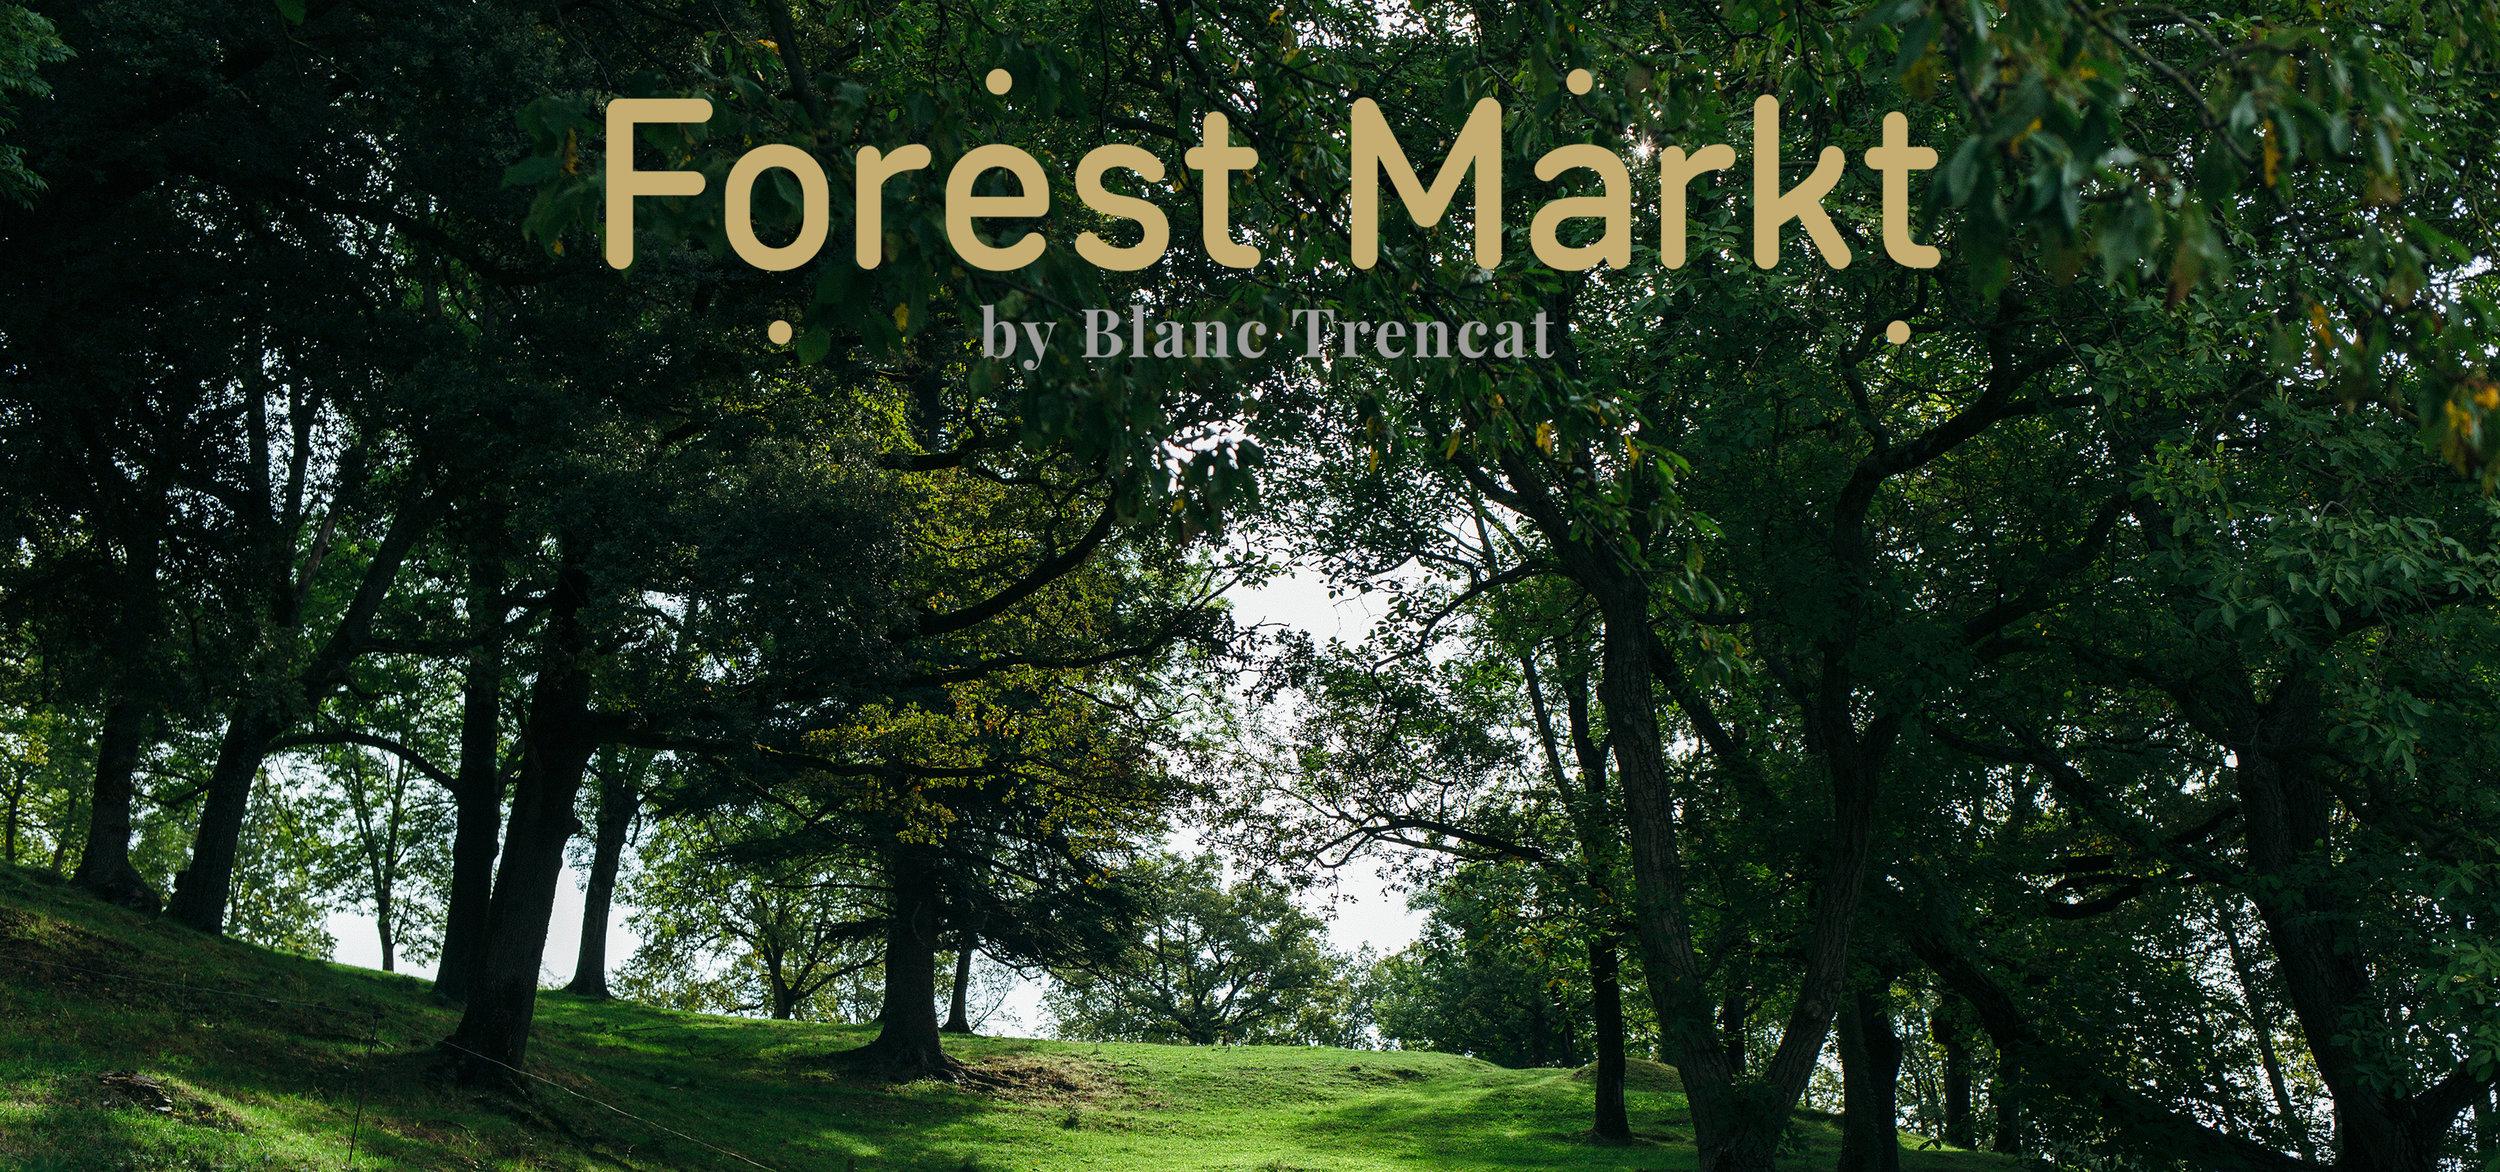 blanctrencat-forestmarkt.jpg